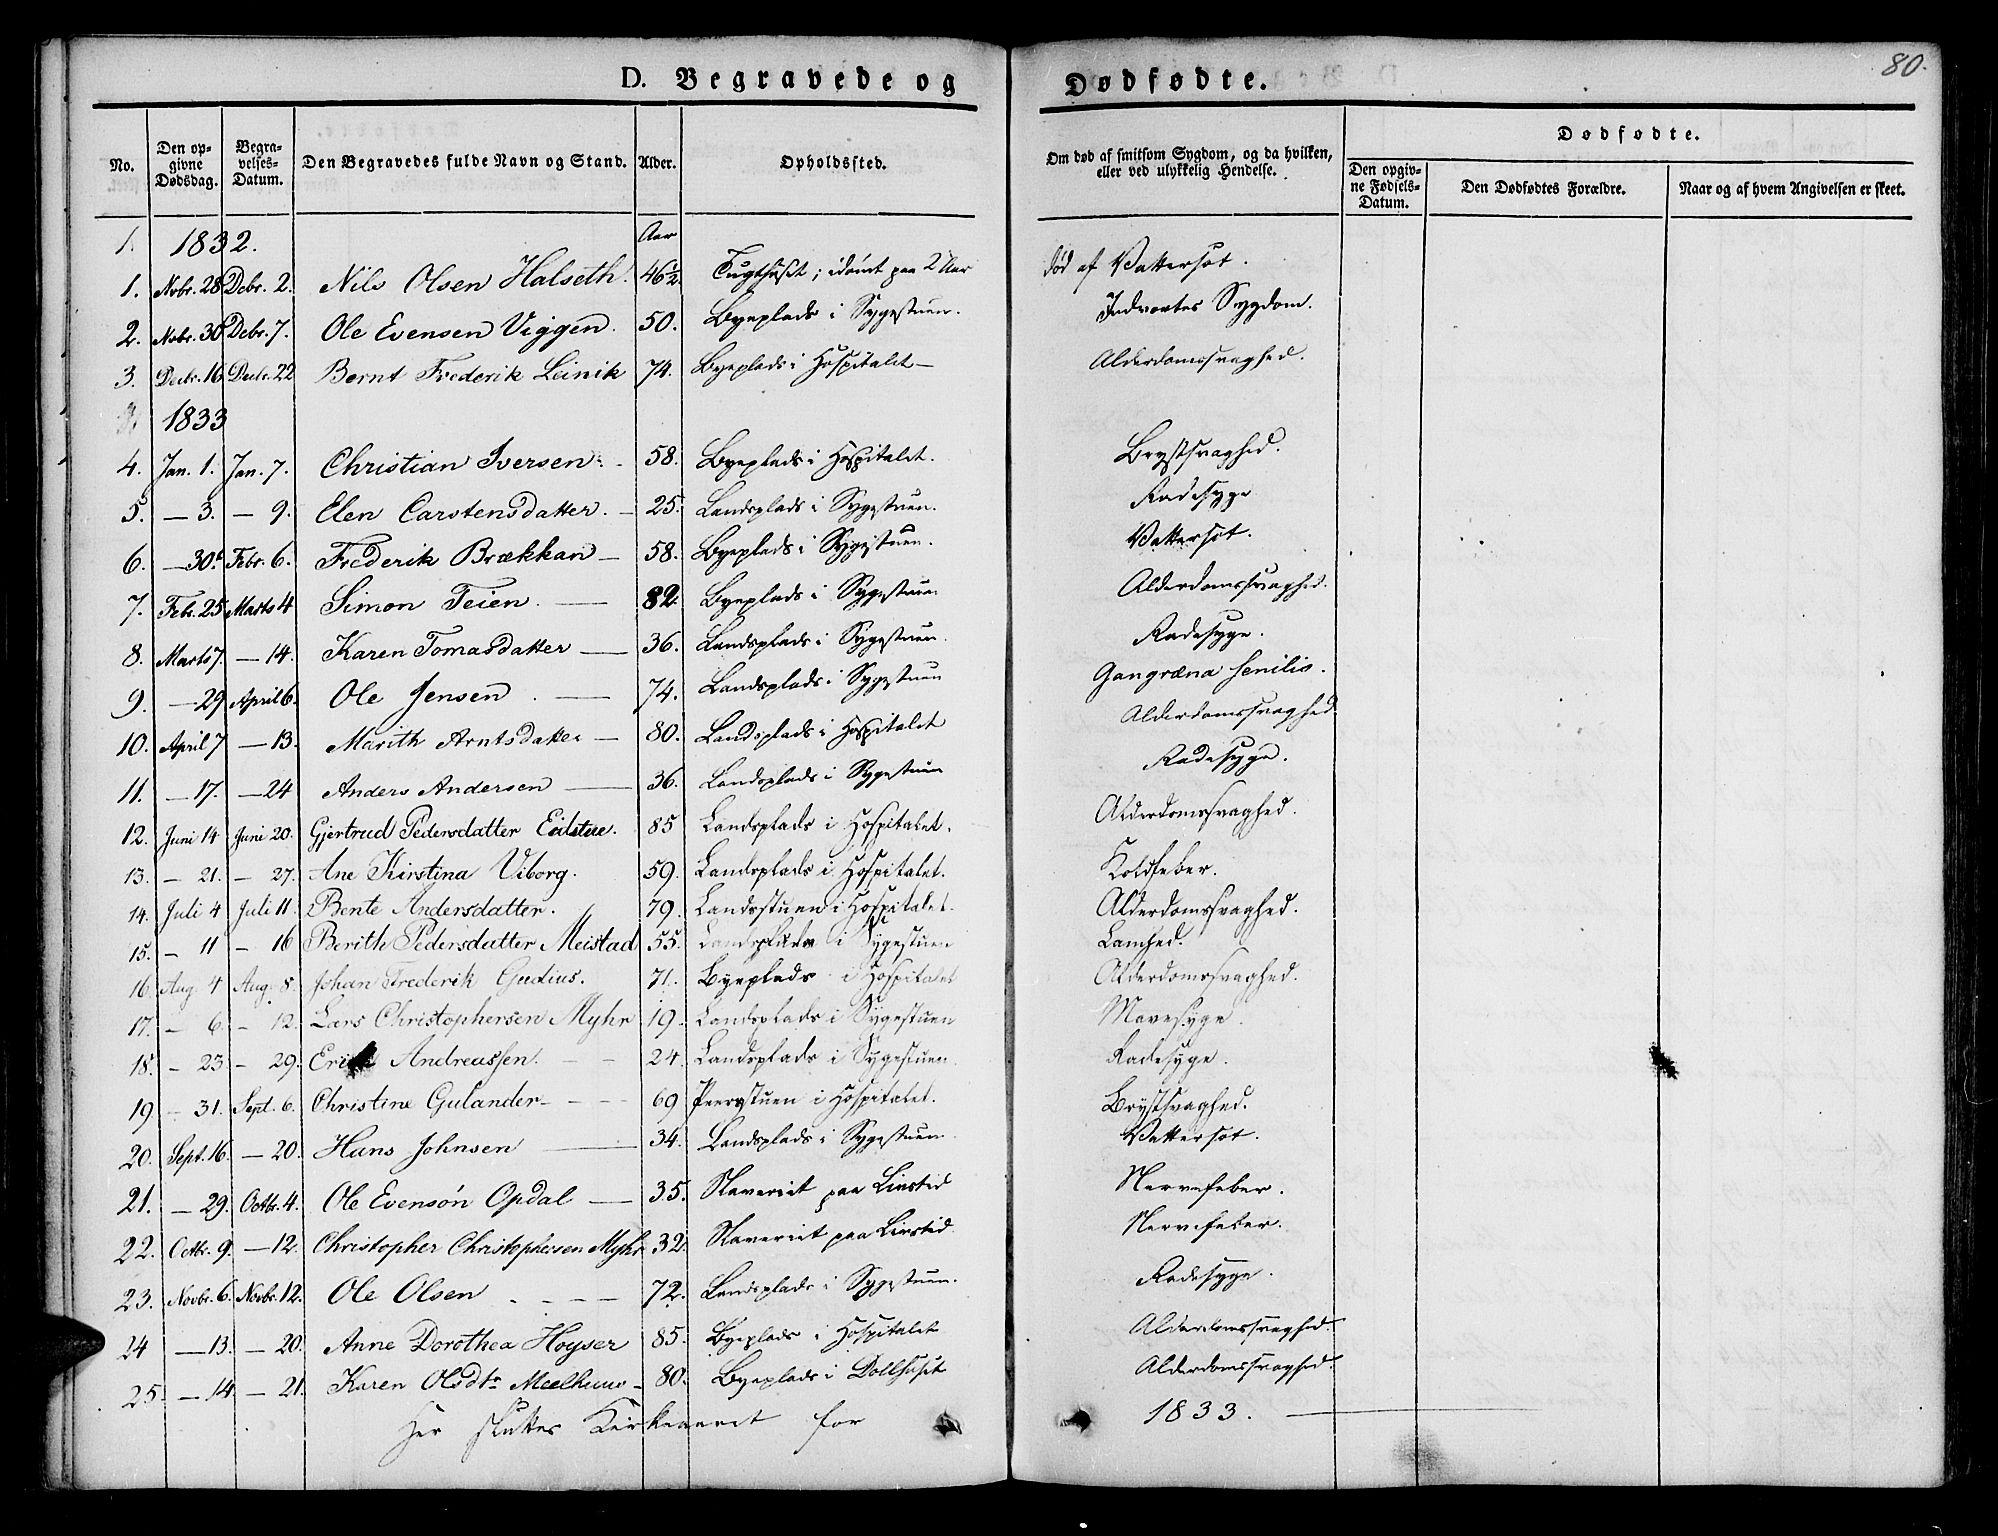 SAT, Ministerialprotokoller, klokkerbøker og fødselsregistre - Sør-Trøndelag, 623/L0468: Ministerialbok nr. 623A02, 1826-1867, s. 80